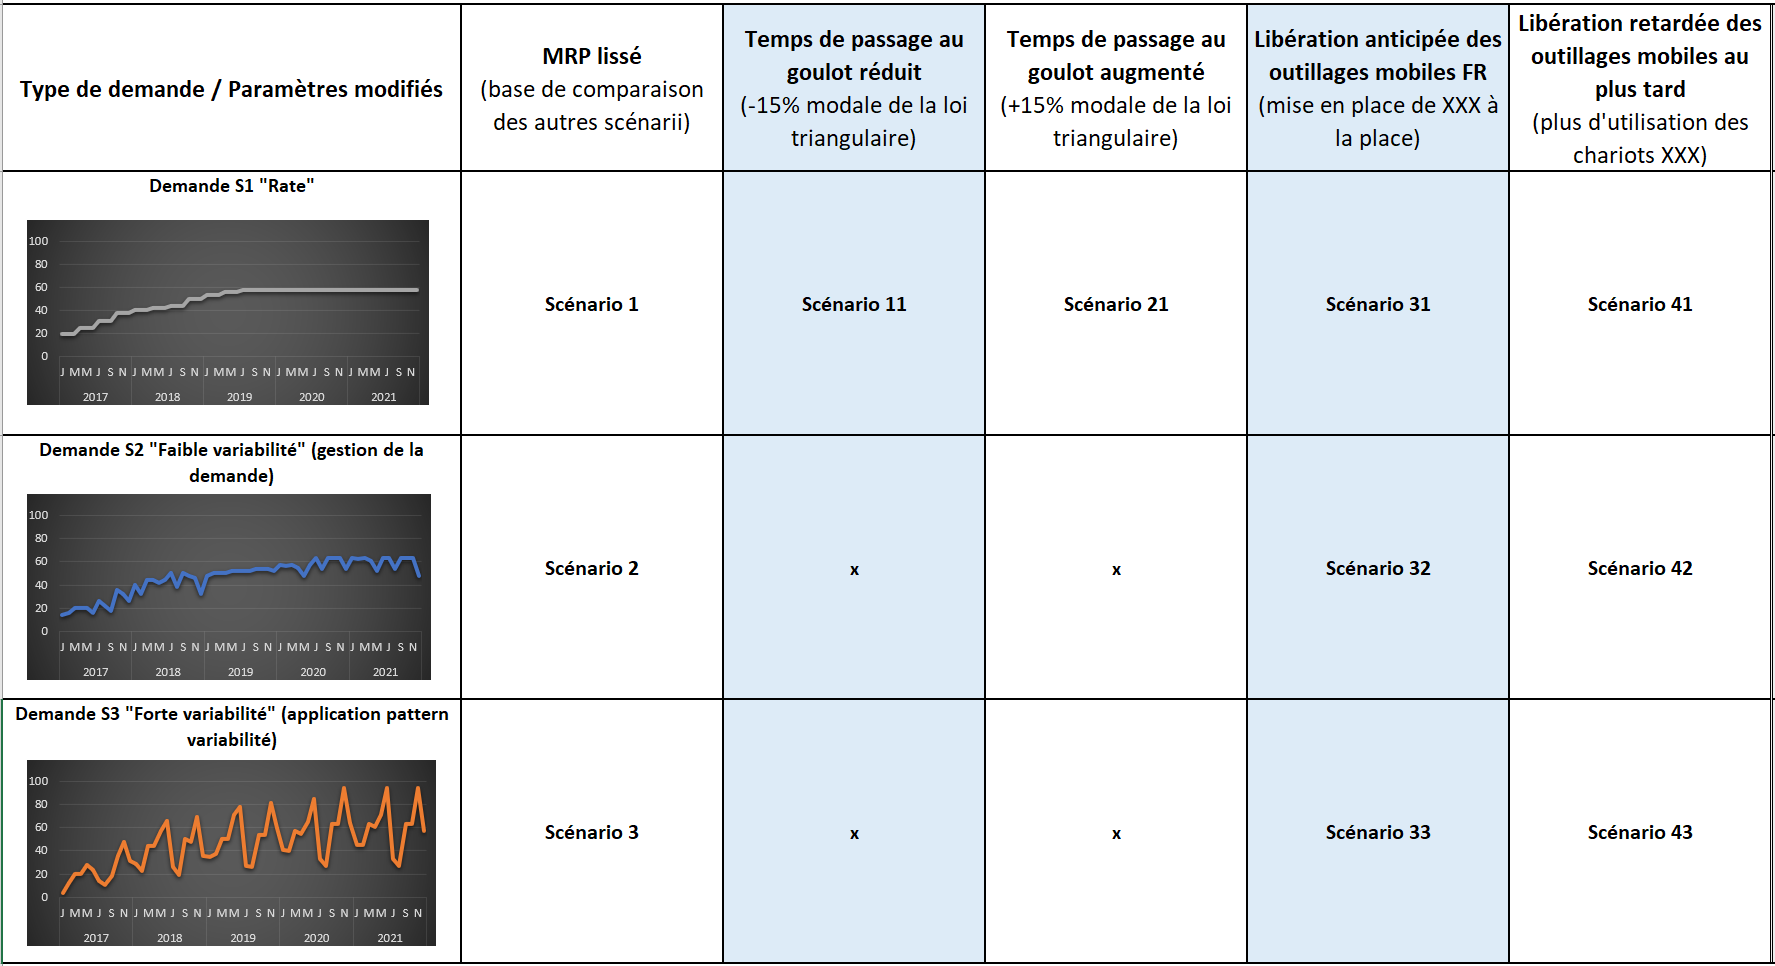 Etape 3 : Liste non exhaustive de scénarii traités en fonction des différentes formes de variabilité